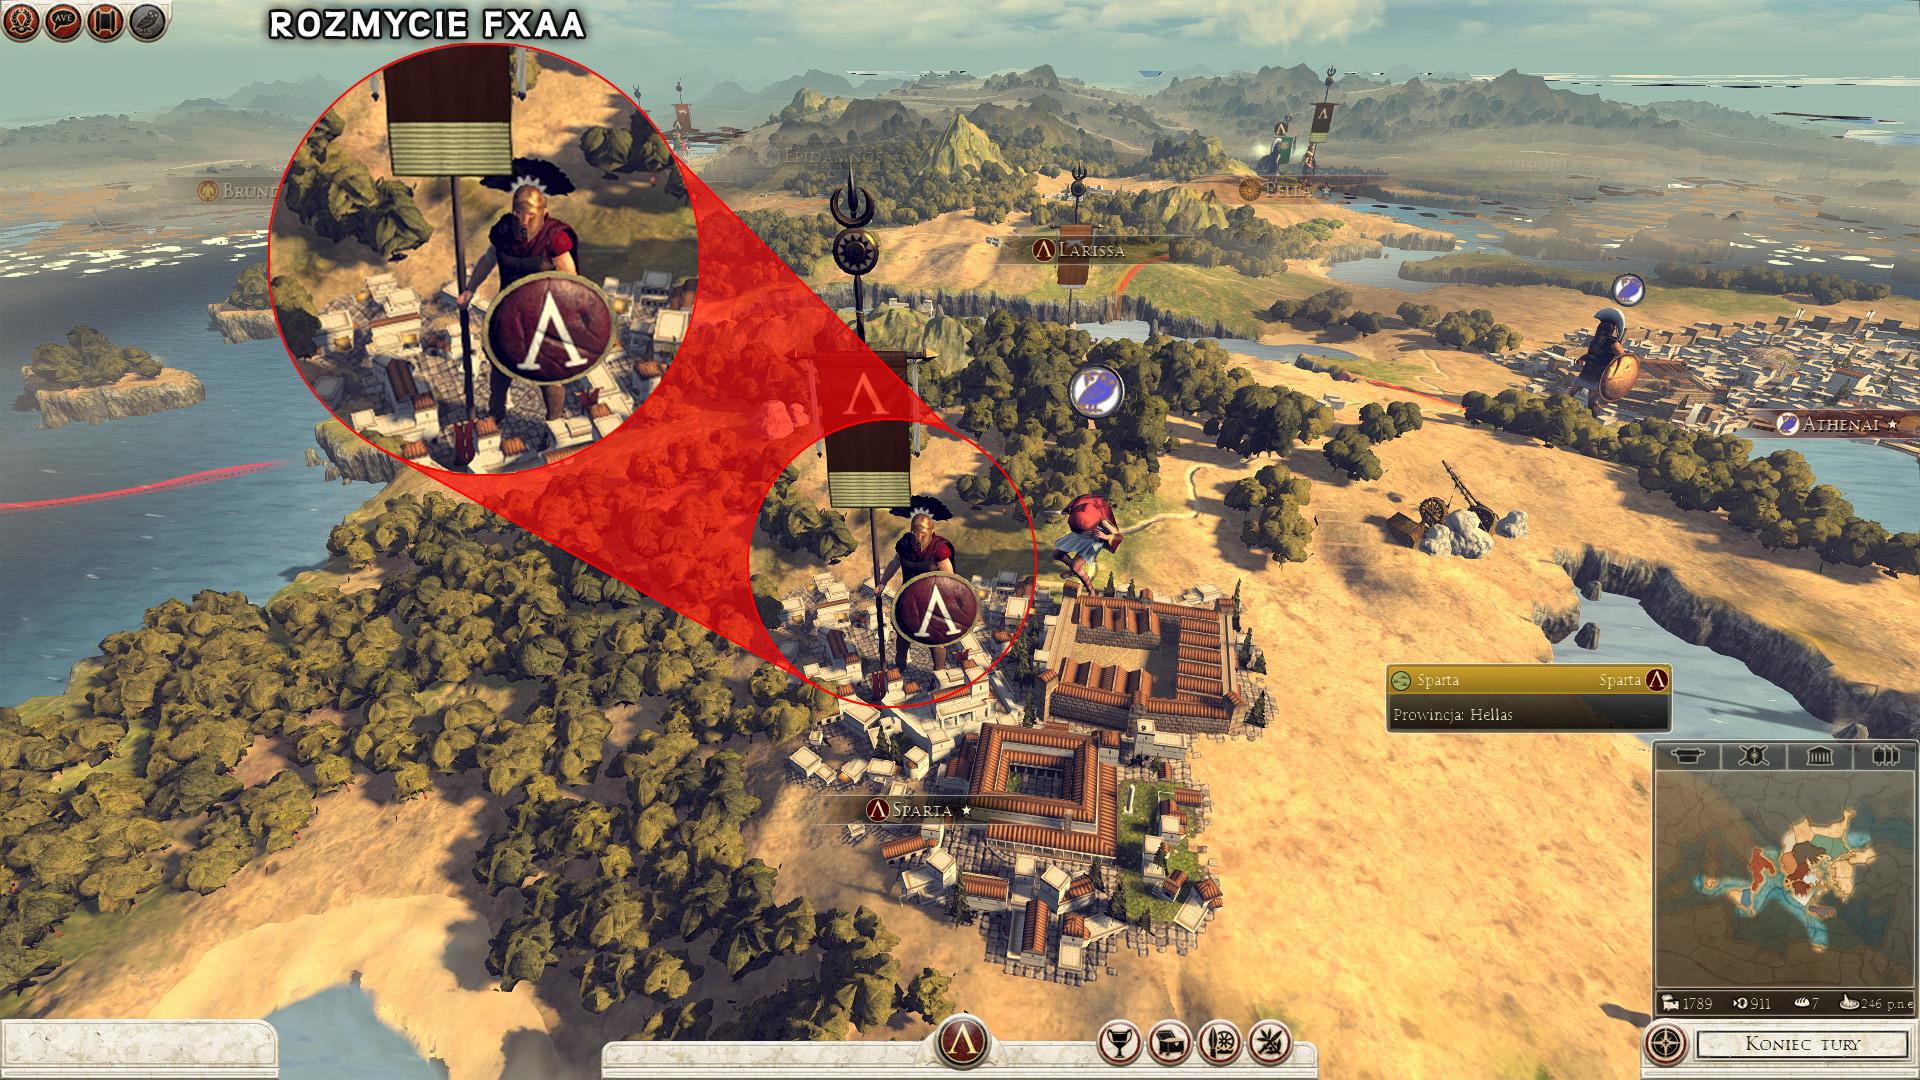 5. Скачать патч для Total war Rome 2. Обновления для игрыУ многих игроков п